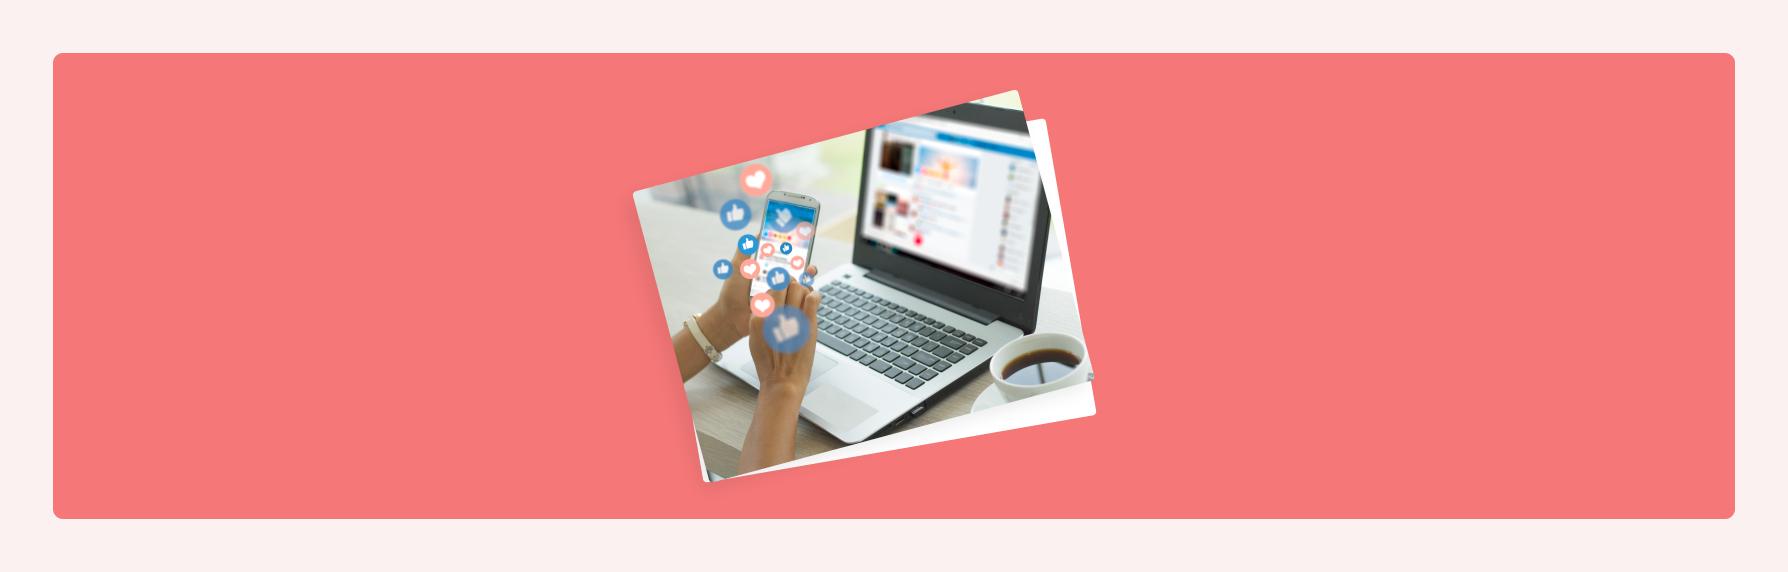 Der Social Media Marketing Guide für kleine Unternehmen